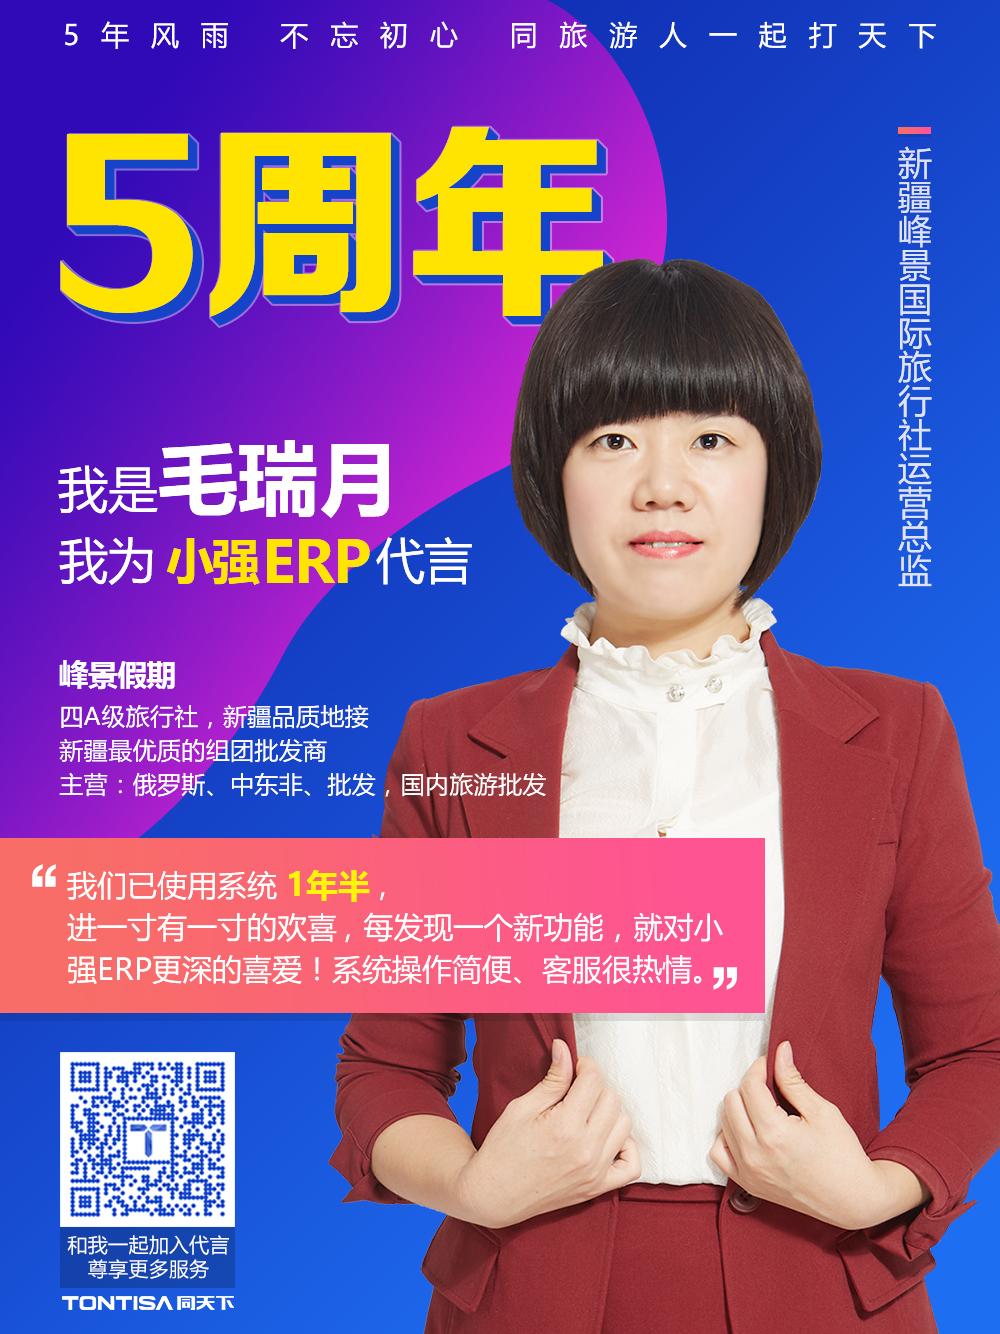 4、五周年系列海报(毛瑞月).jpg